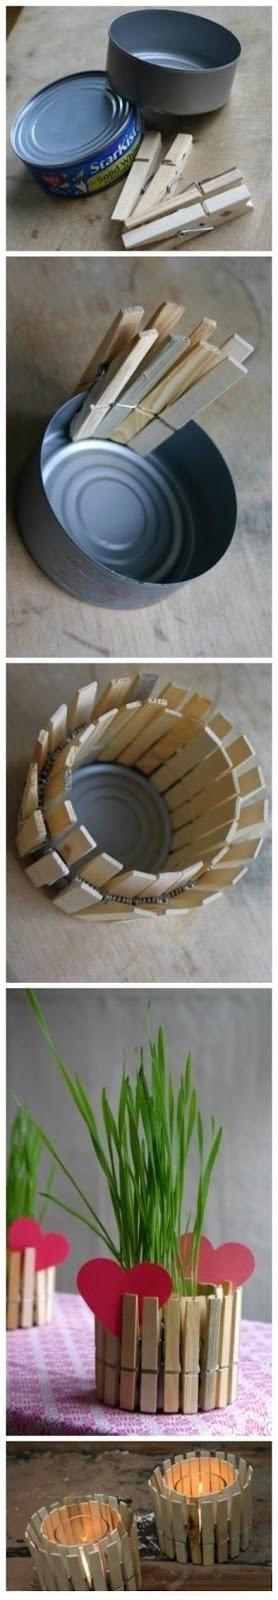 arredissima centrotavola fai da te!  http://www.arredissimaenonsolo.com/2012/10/arredissima-decor-segnaposti-e.html